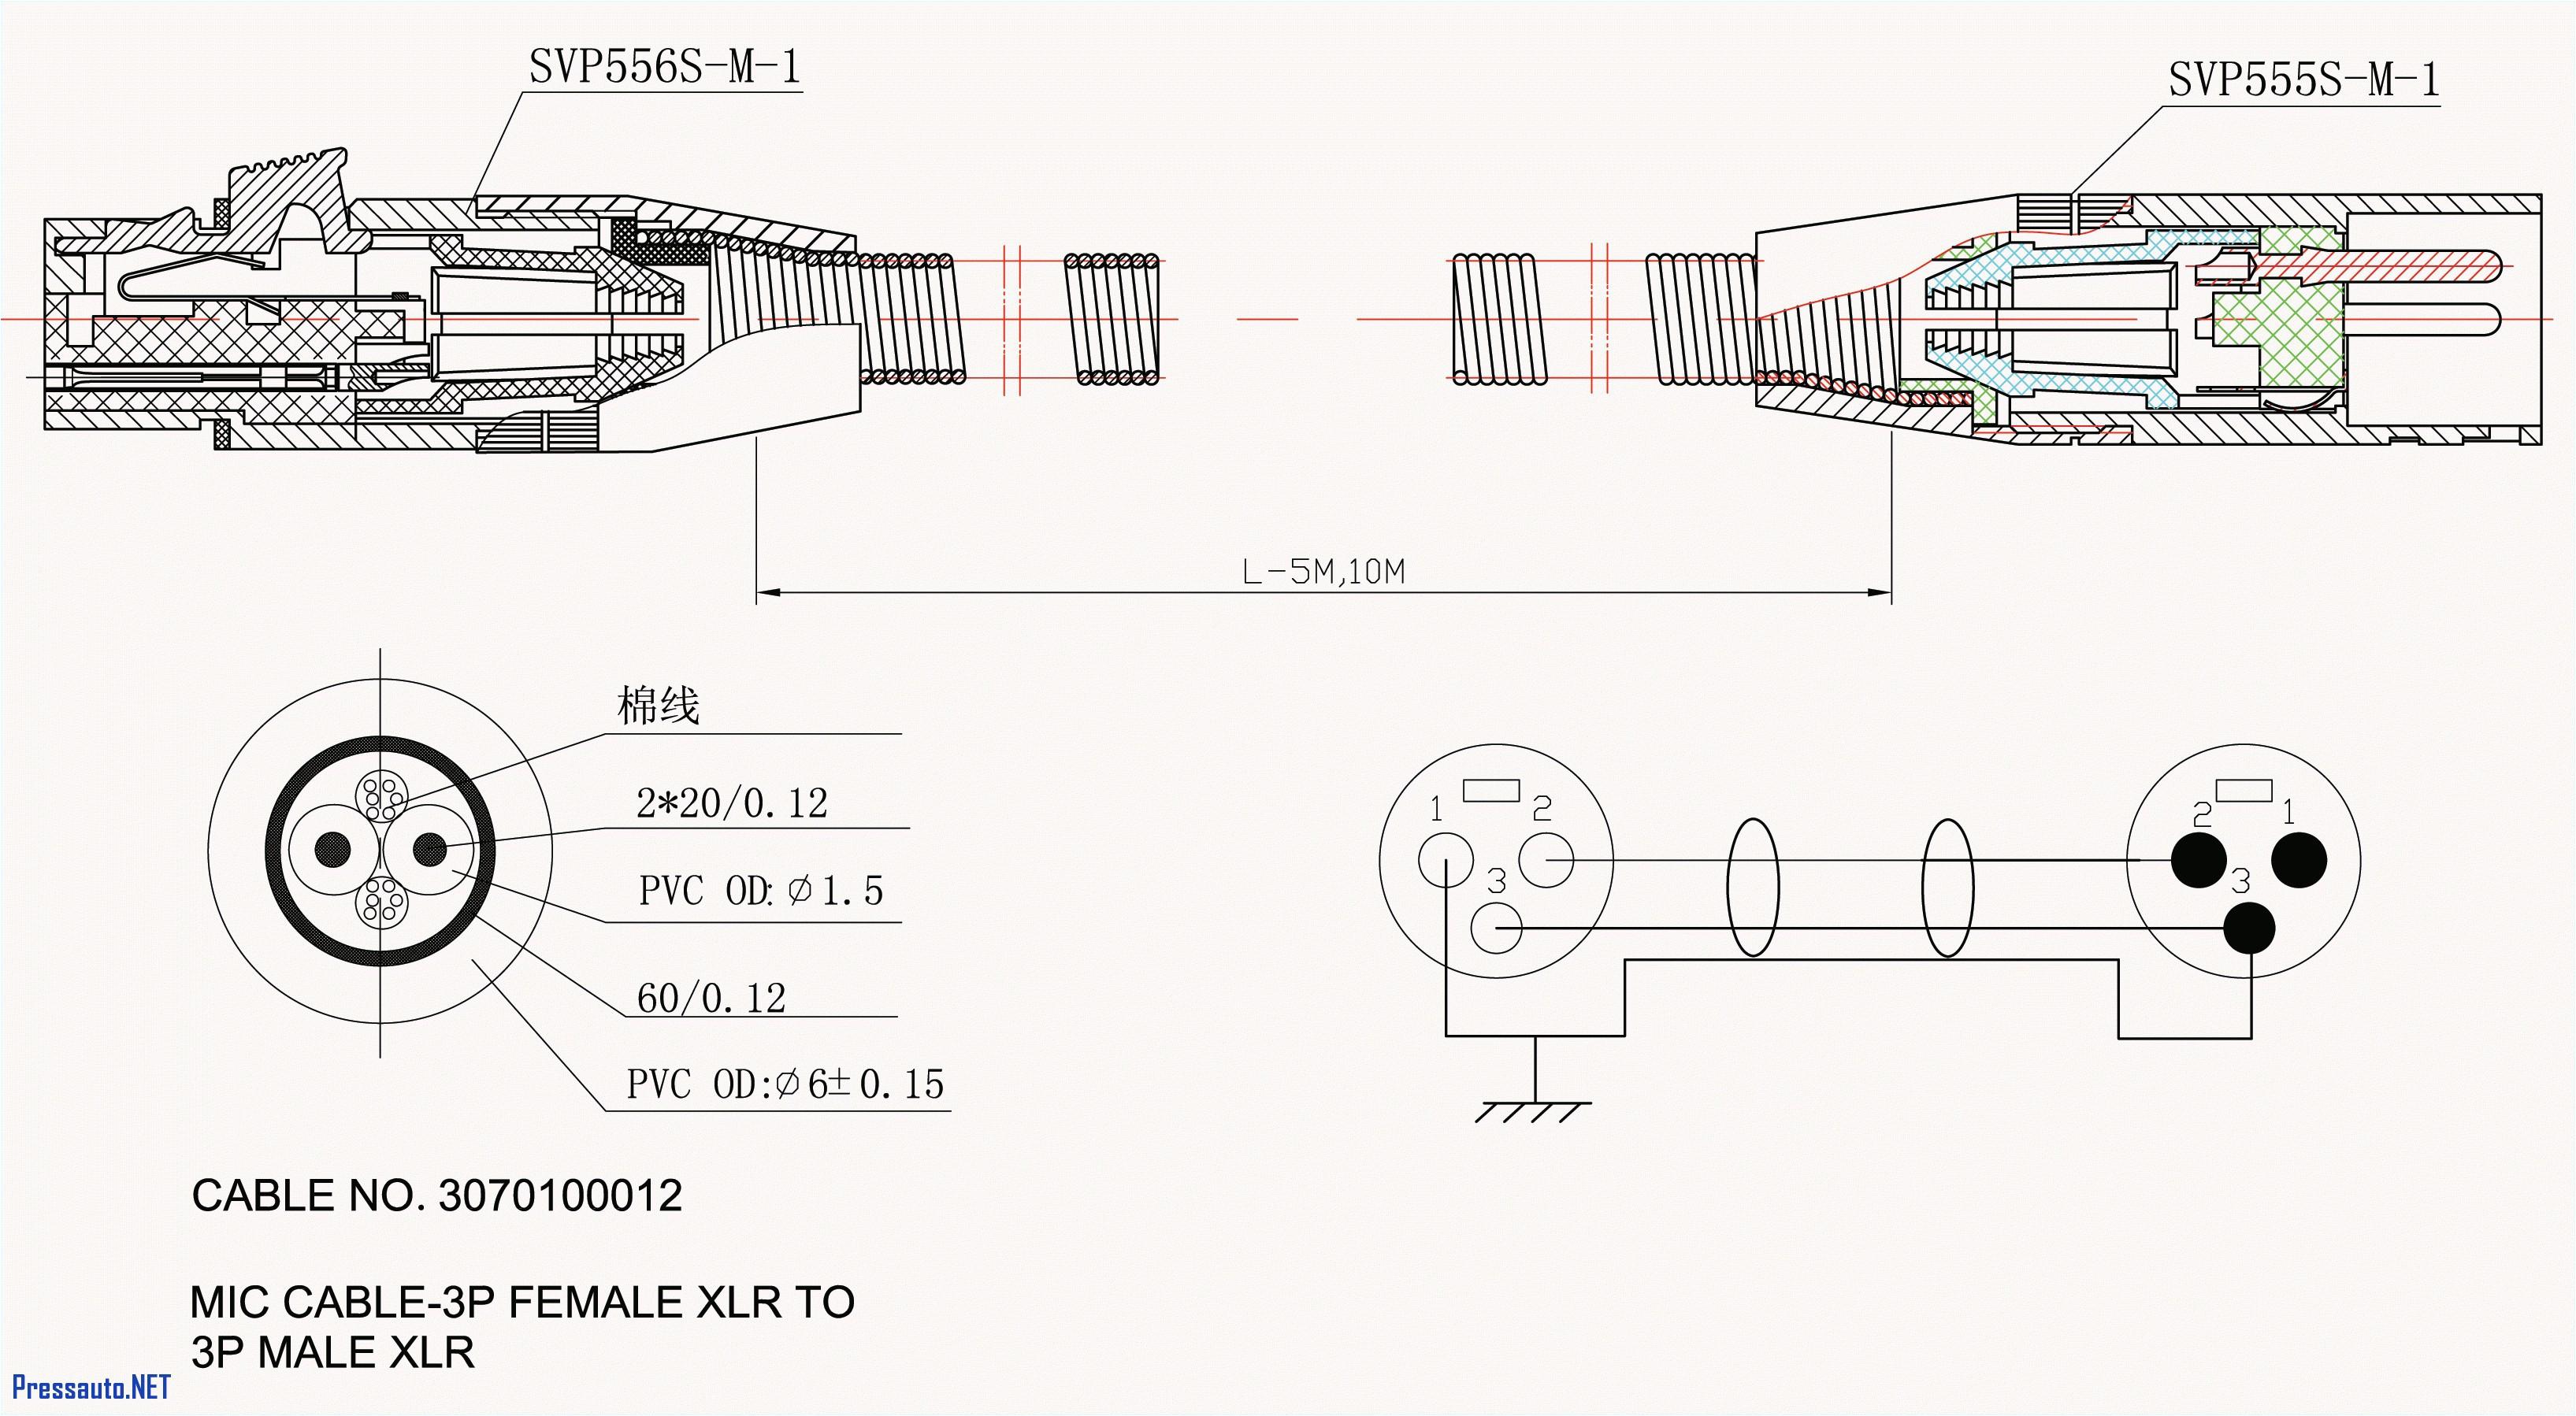 alternator wiring diagram bosch wiring diagram center bosch ecu wiring diagram pdf awesome sunprofuelgaugewiringdiagram alternator wiring